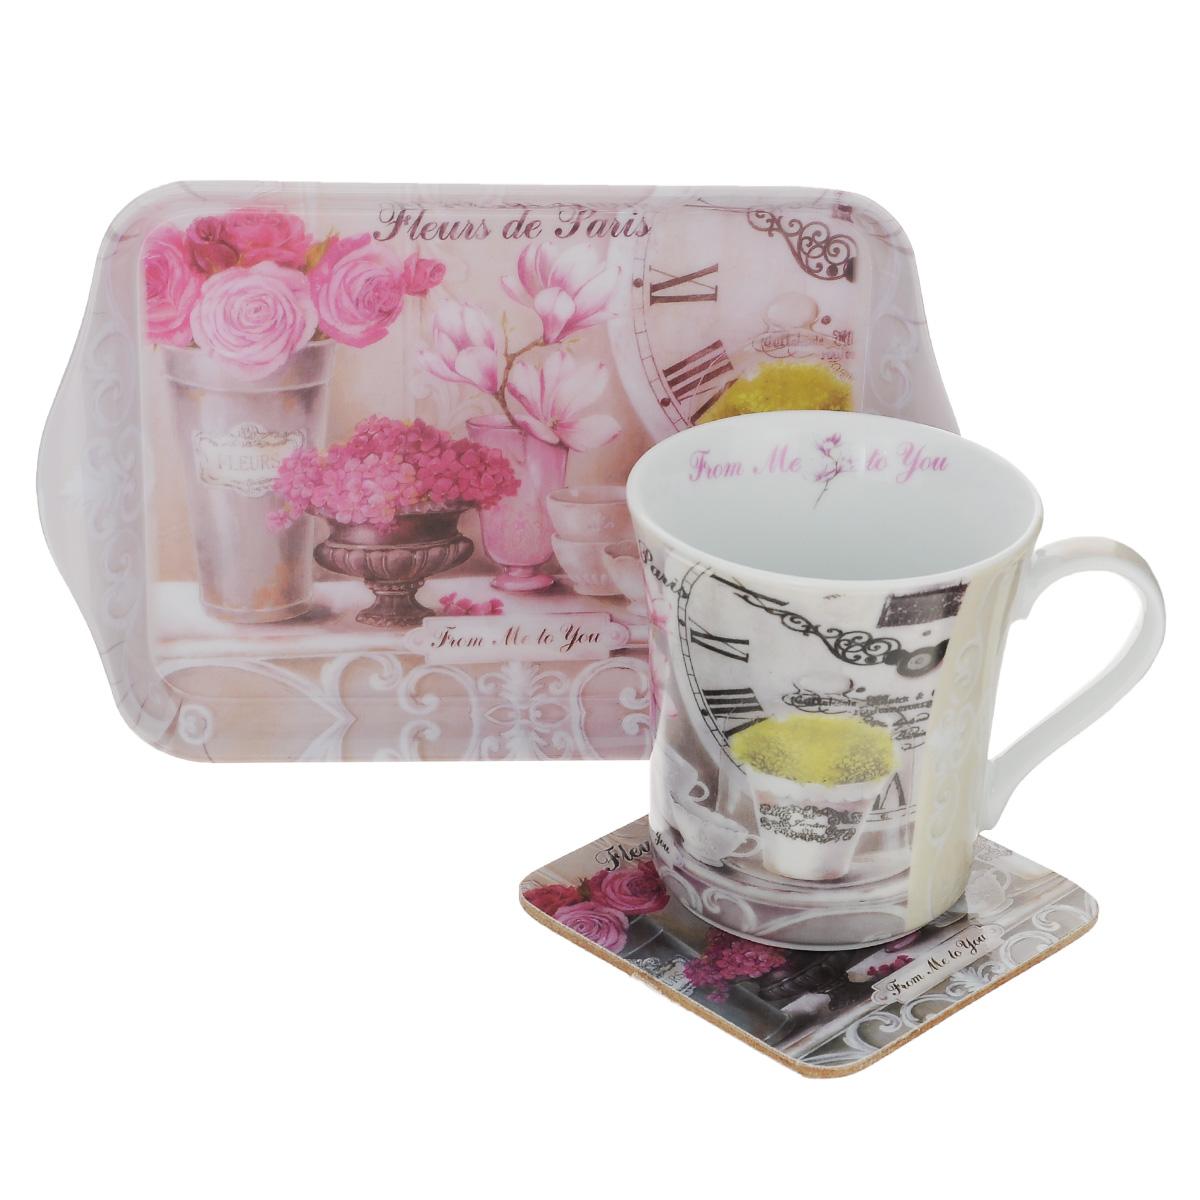 Набор чайный GiftnHome Парижские цветы, 3 предмета115510Чайный набор GiftnHome Парижские цветы состоит из кружки, подноса и подставки под кружку. Все изделия декорированы красочным изображением цветов. Кружка изготовлена из высококачественного фарфора. Поднос изготовлен из высококачественного пластика и предназначен для красивой сервировки стола. Подставка под кружку изготовлена из пробки. Ламинированное покрытие подставки обеспечивает стойкость к высоким температурам. Такая подставка защитит поверхность стола от загрязнений и воздействия высоких температур напитка. Оригинальный набор порадует вас своим дизайном и станет неизменным атрибутом чаепития. Чайный набор GiftnHome Парижские цветы прекрасно подойдет в качестве сувенира и привнесет индивидуальности в обычную сервировку стола. Диаметр кружки: 8,5 см.Высота: 9,5 см.Объем: 300 мл. Размер подноса: 21 см х 14 см х 1,7 см. Размер подставки: 10 см х 10 см х 2 см.